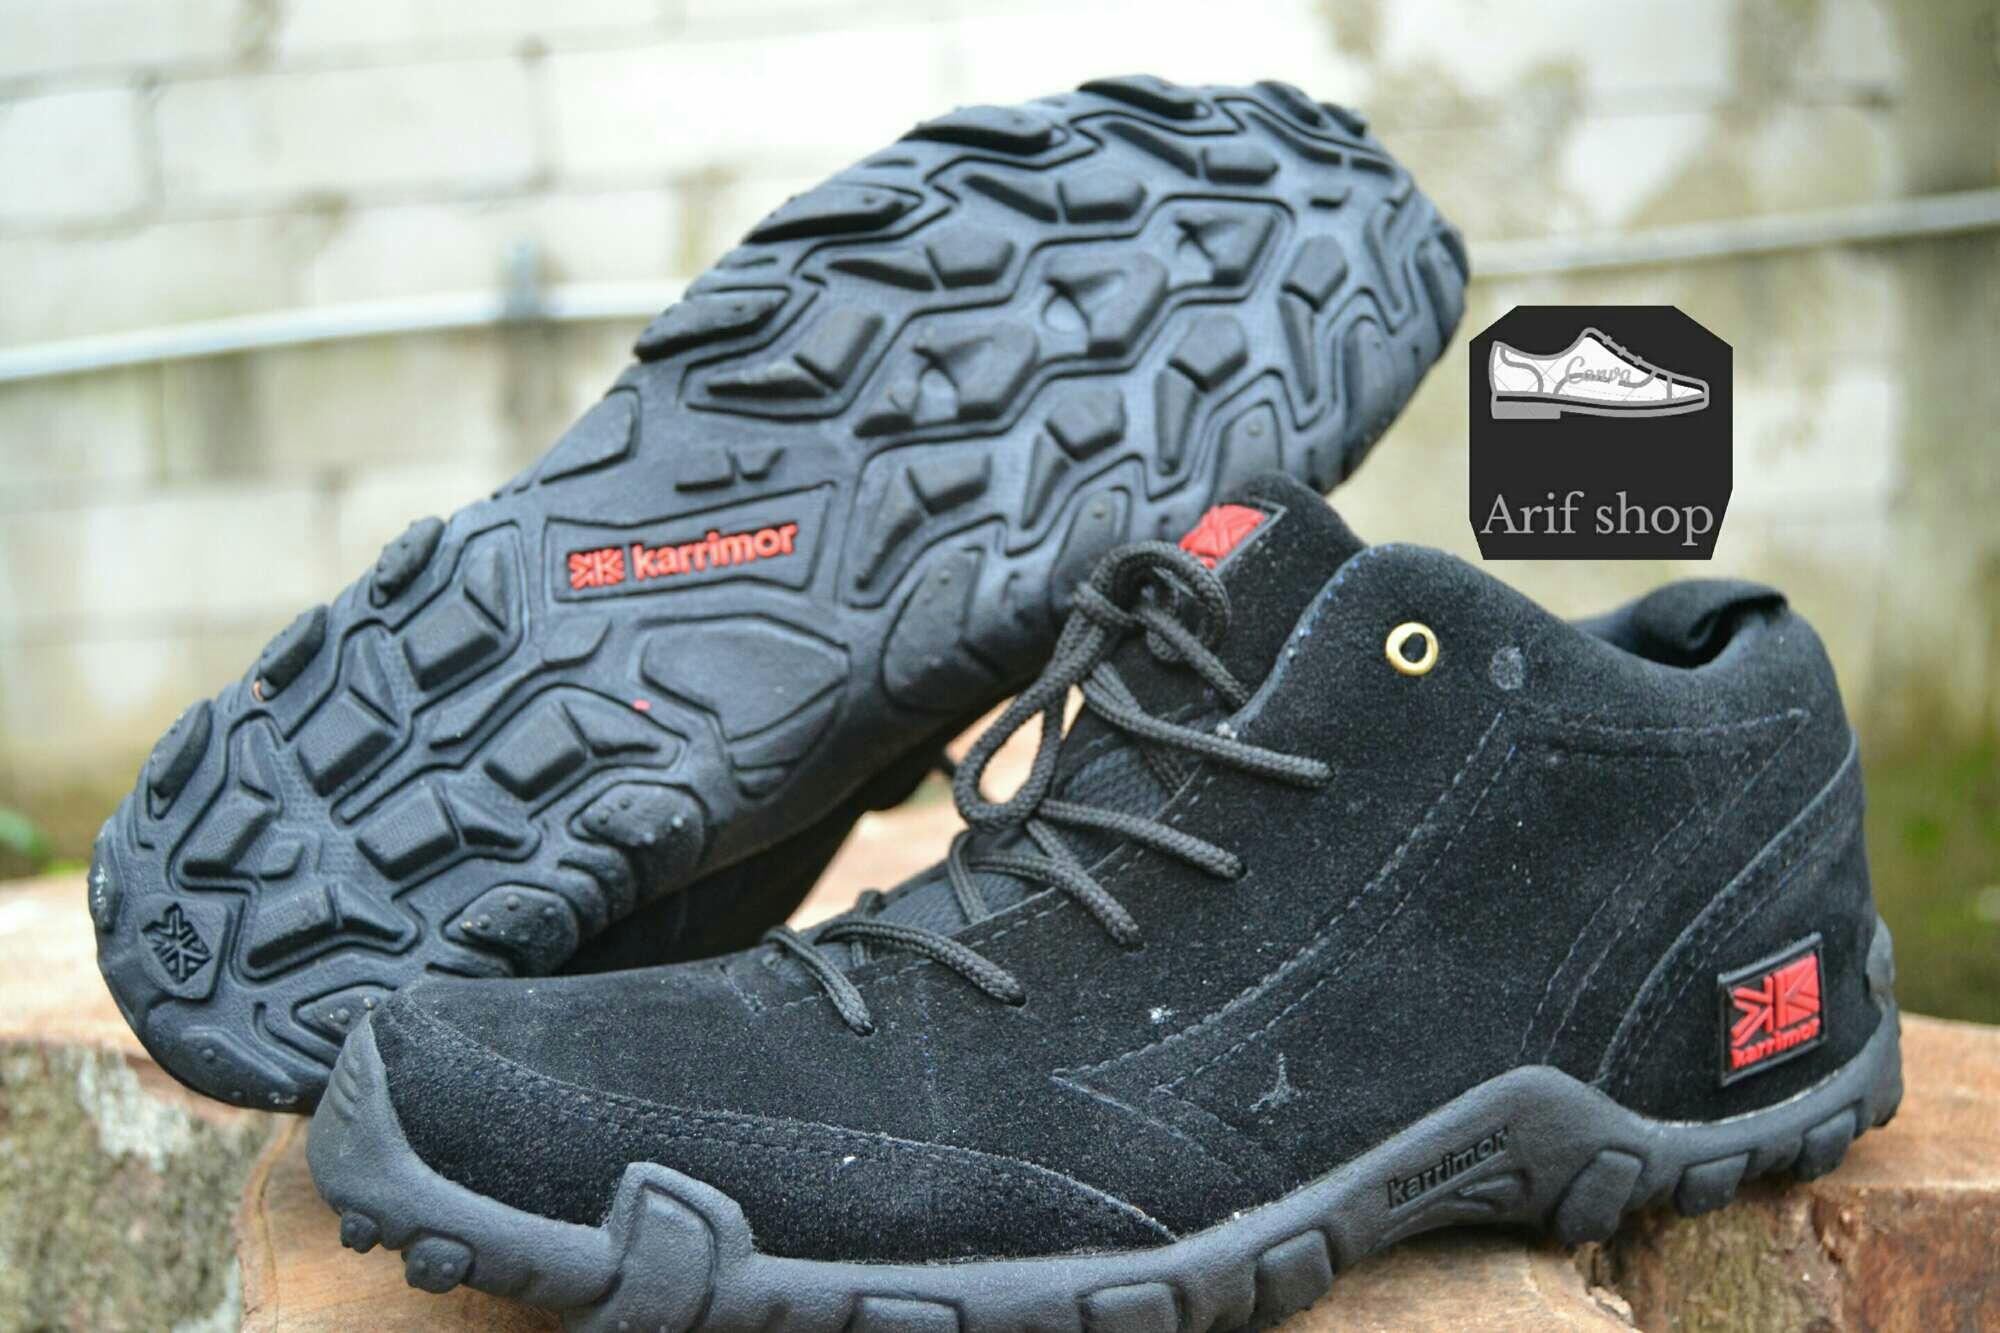 Sepatu gunung karrimor - sepatu tracking outdoor - alat gunung - sepatu  murah 8dfec5e1f5